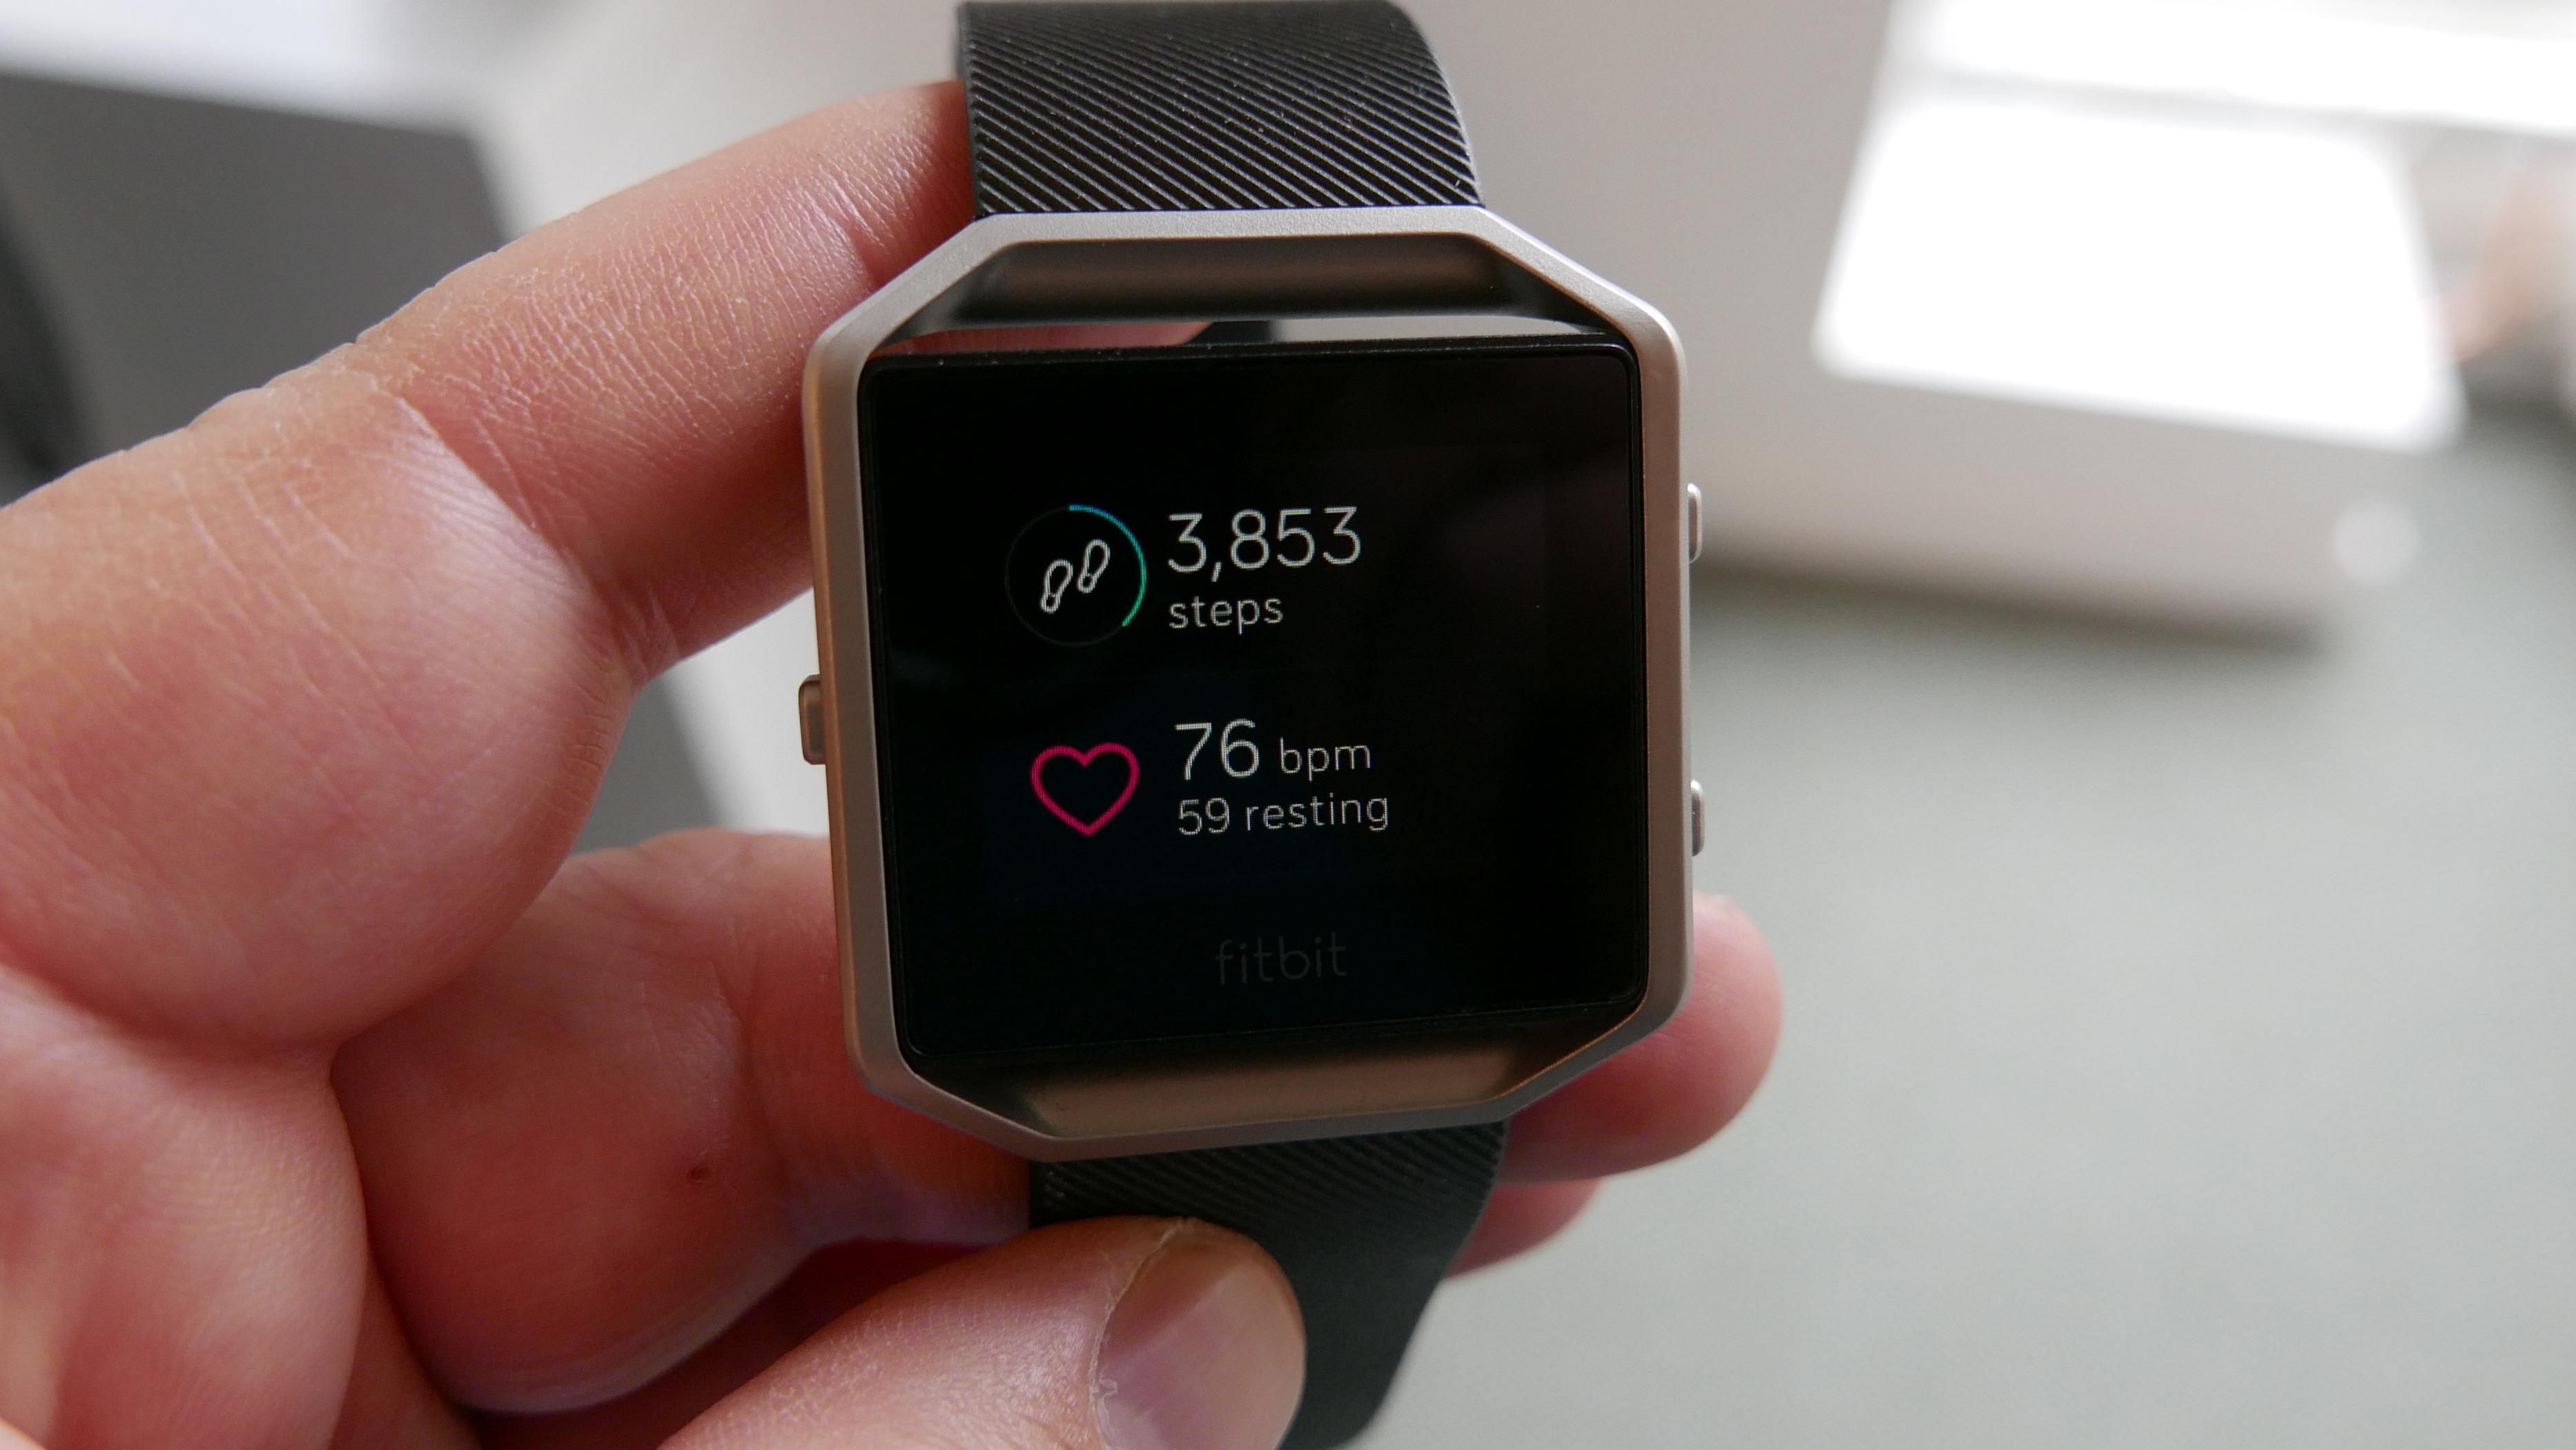 Skritt-telleren har blitt bedre siden sist vi testet klokkr fra Fitbit.